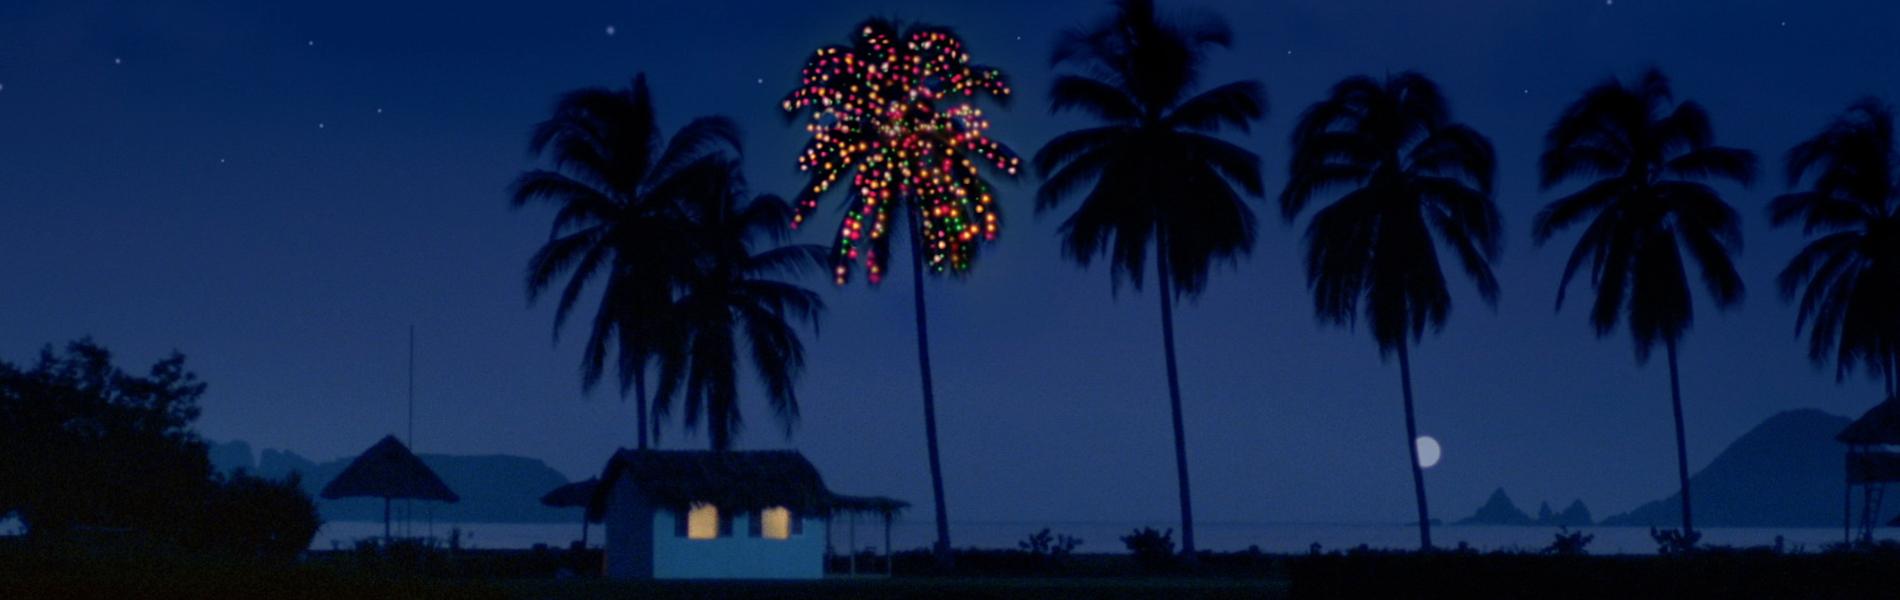 Christmas Trees Florida